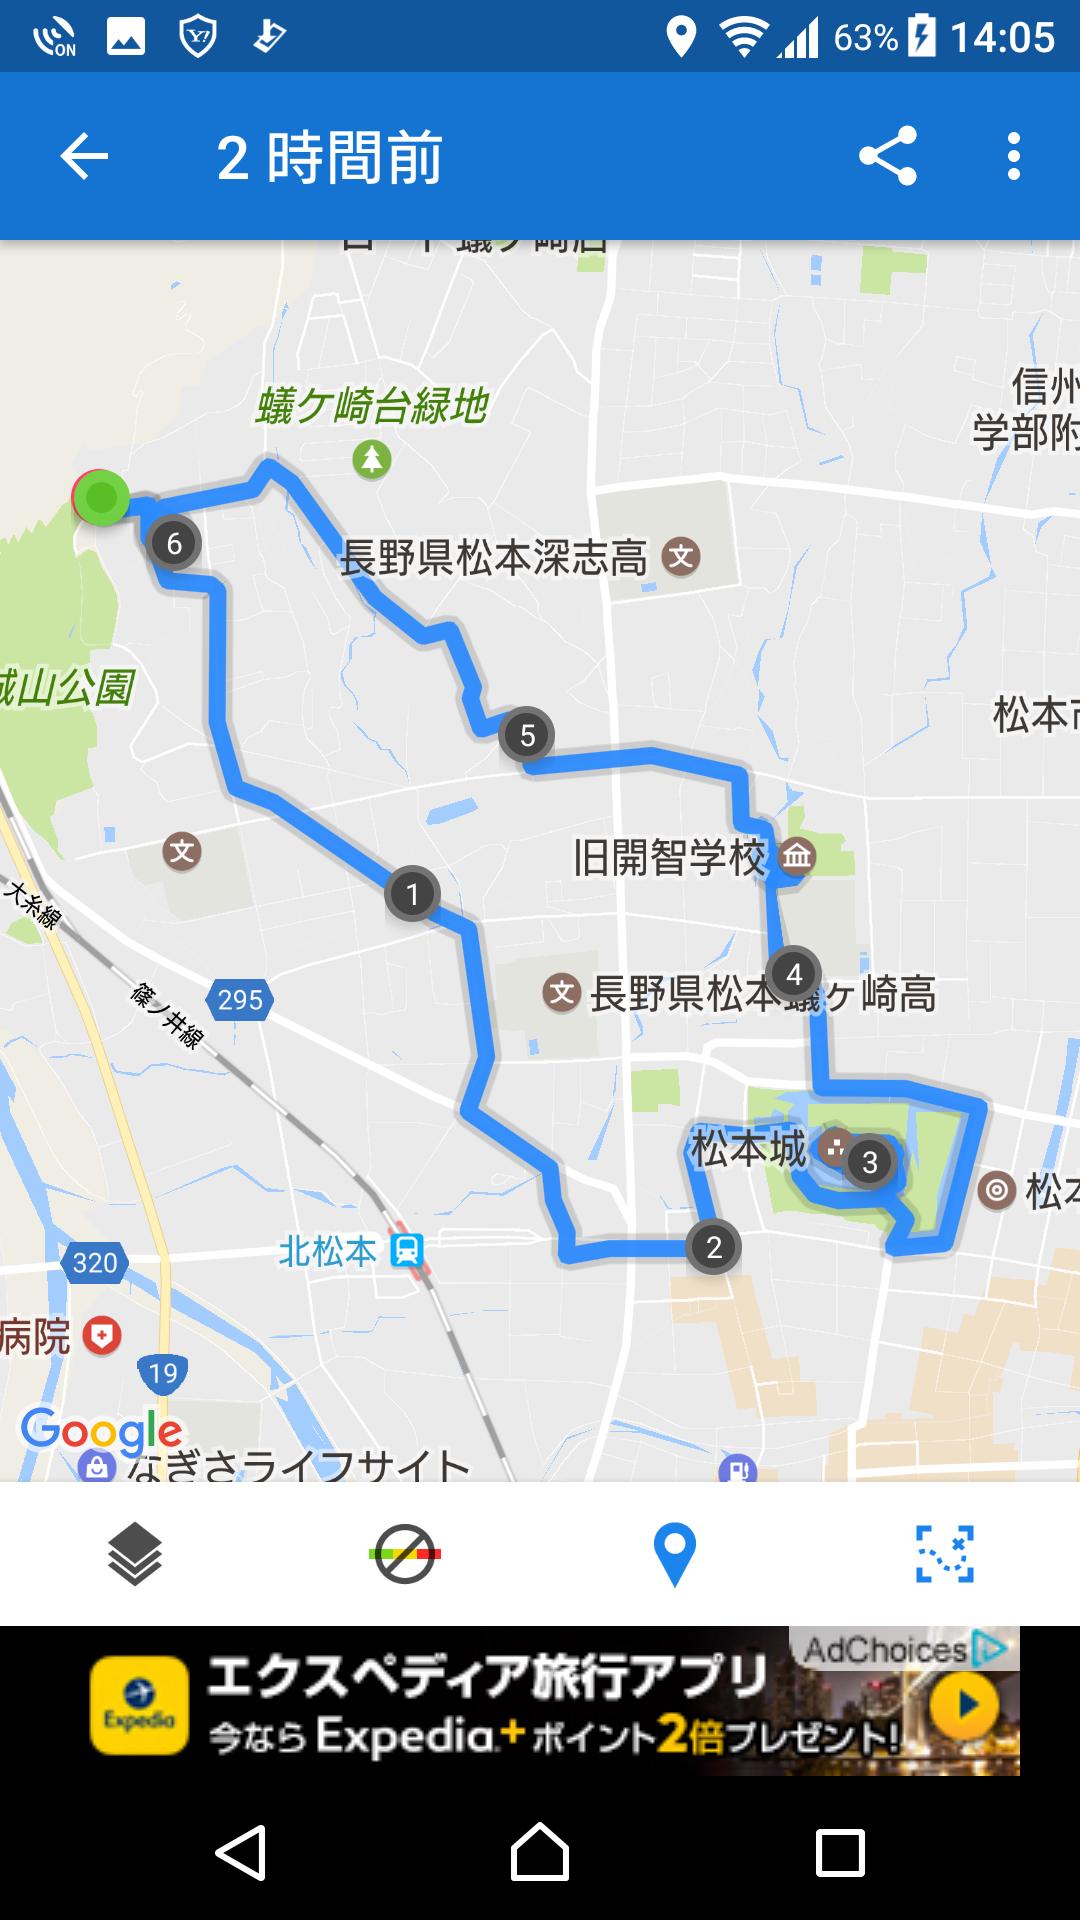 f:id:ynakayama27:20170526145740p:plain